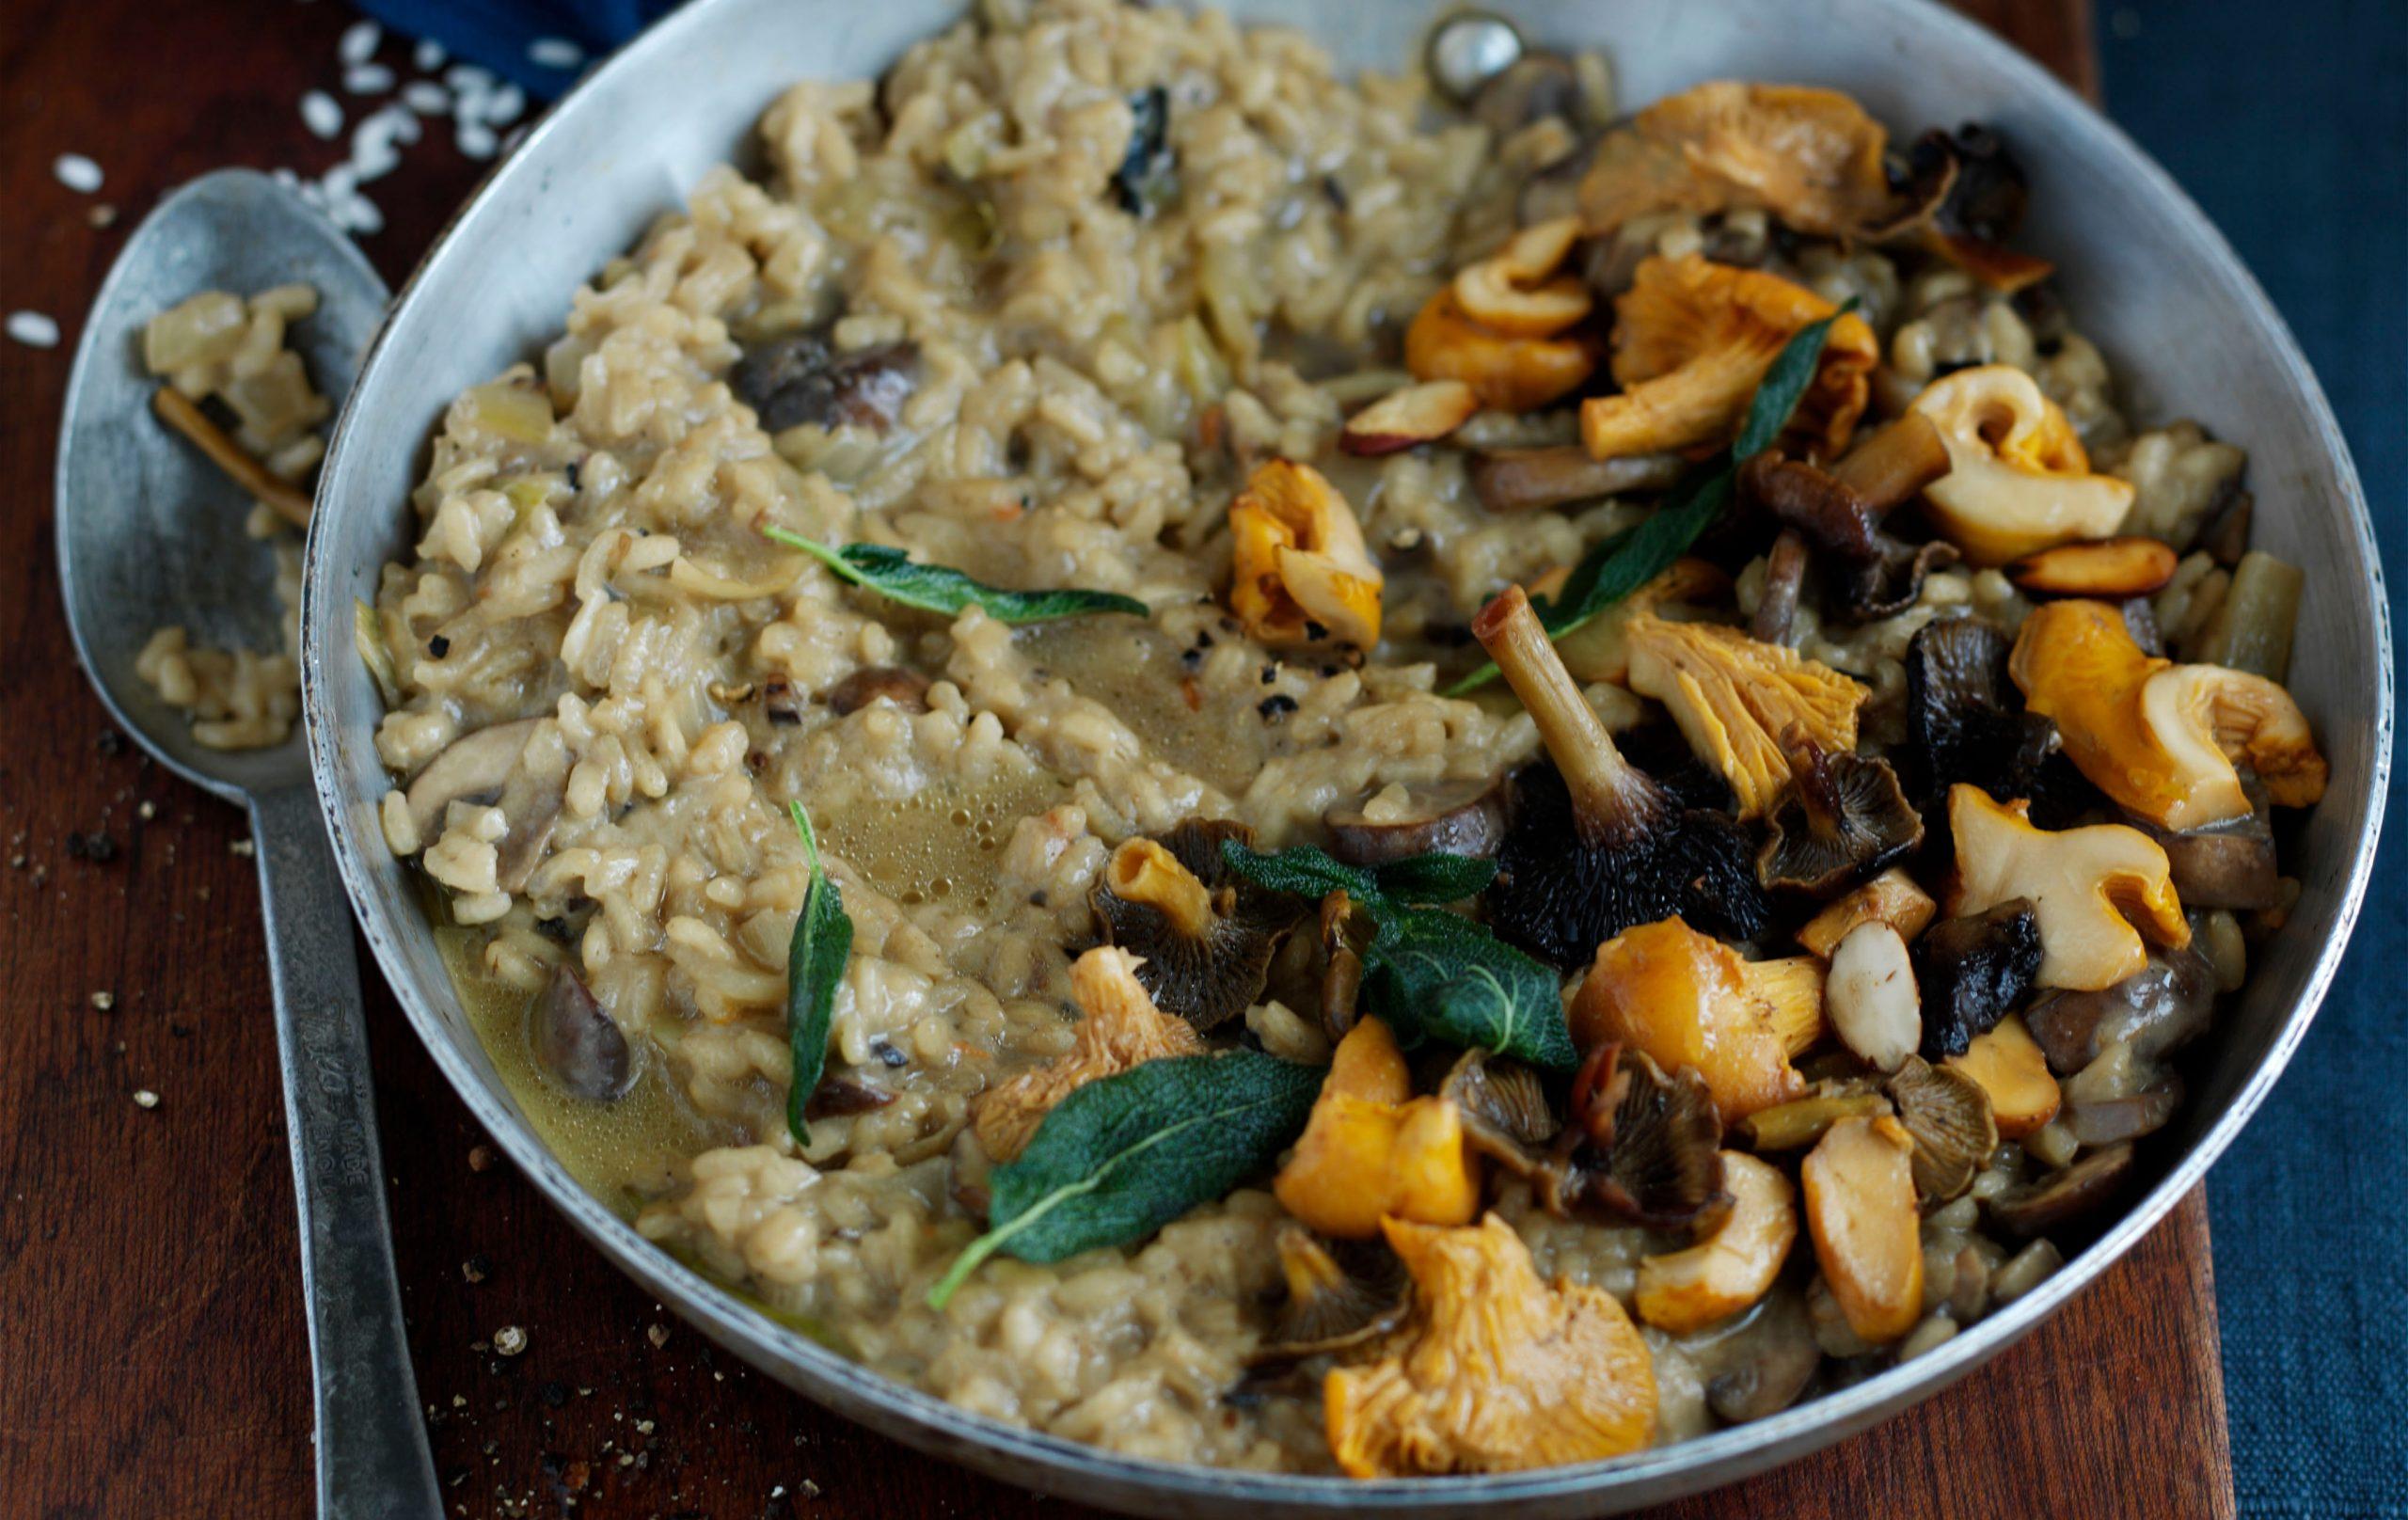 risotto aux champignons sauvages, repas hypocaloriques